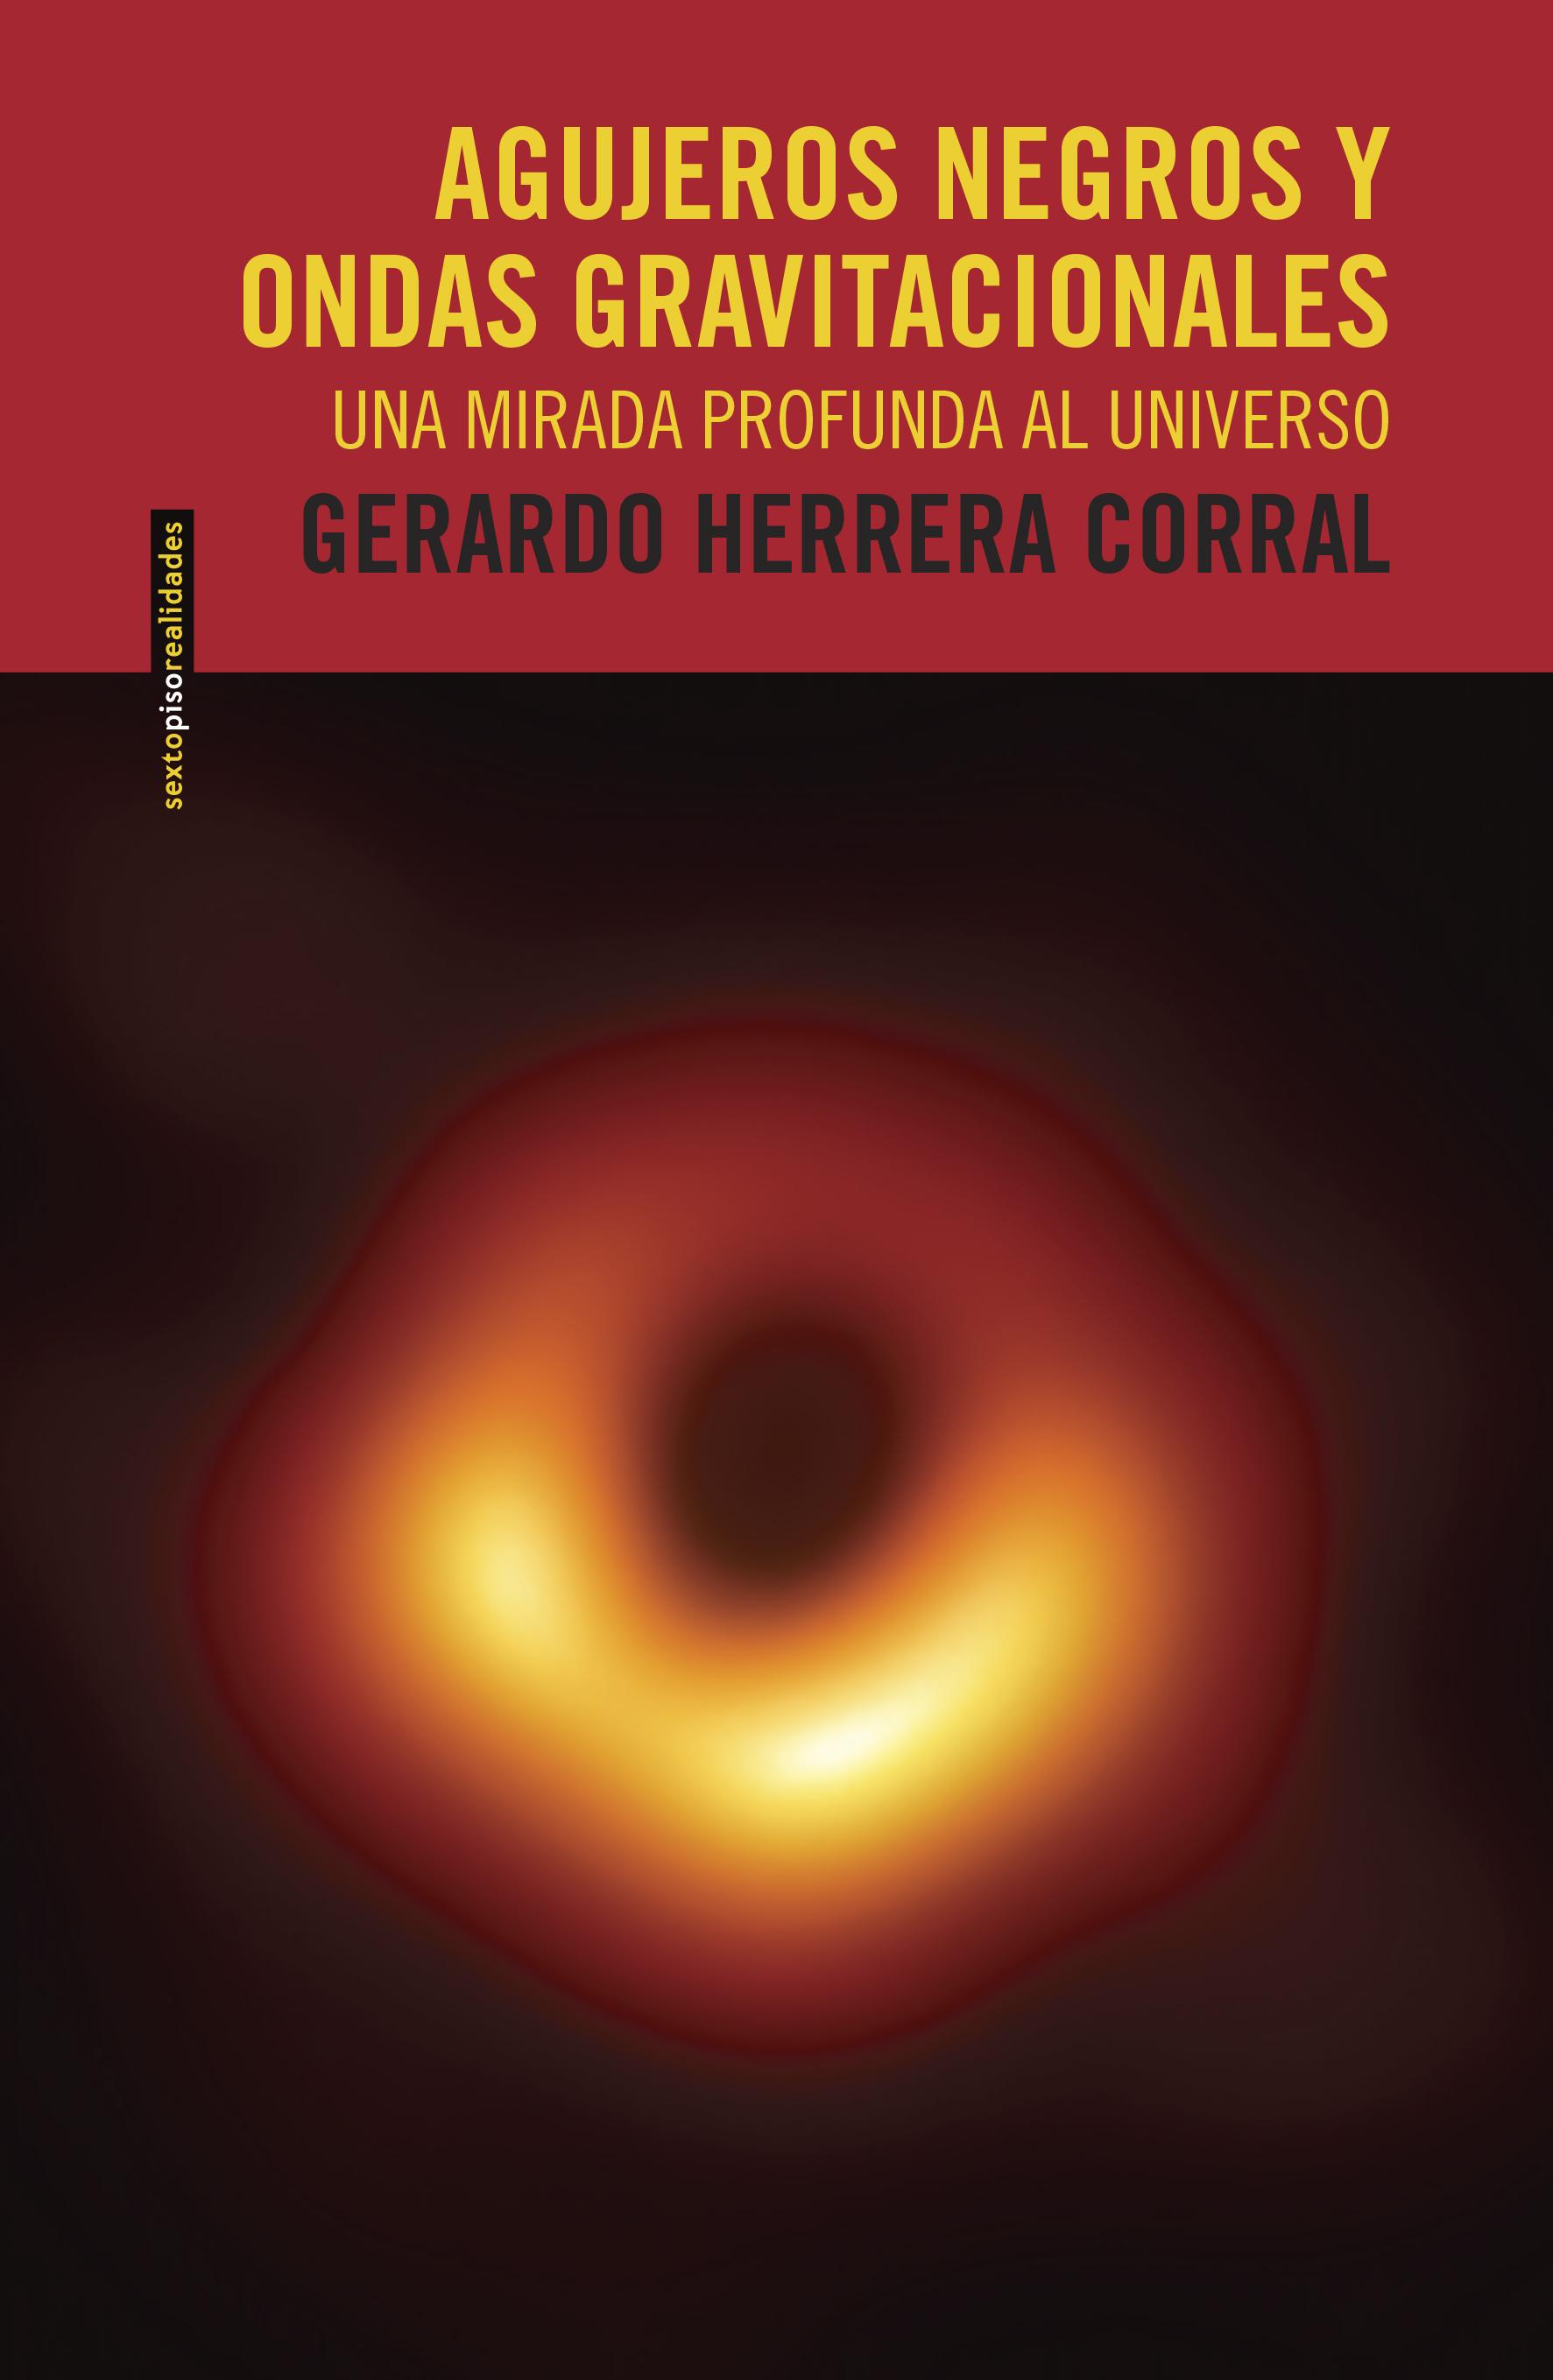 agujeros-negros-y-ondas-gravitacionales